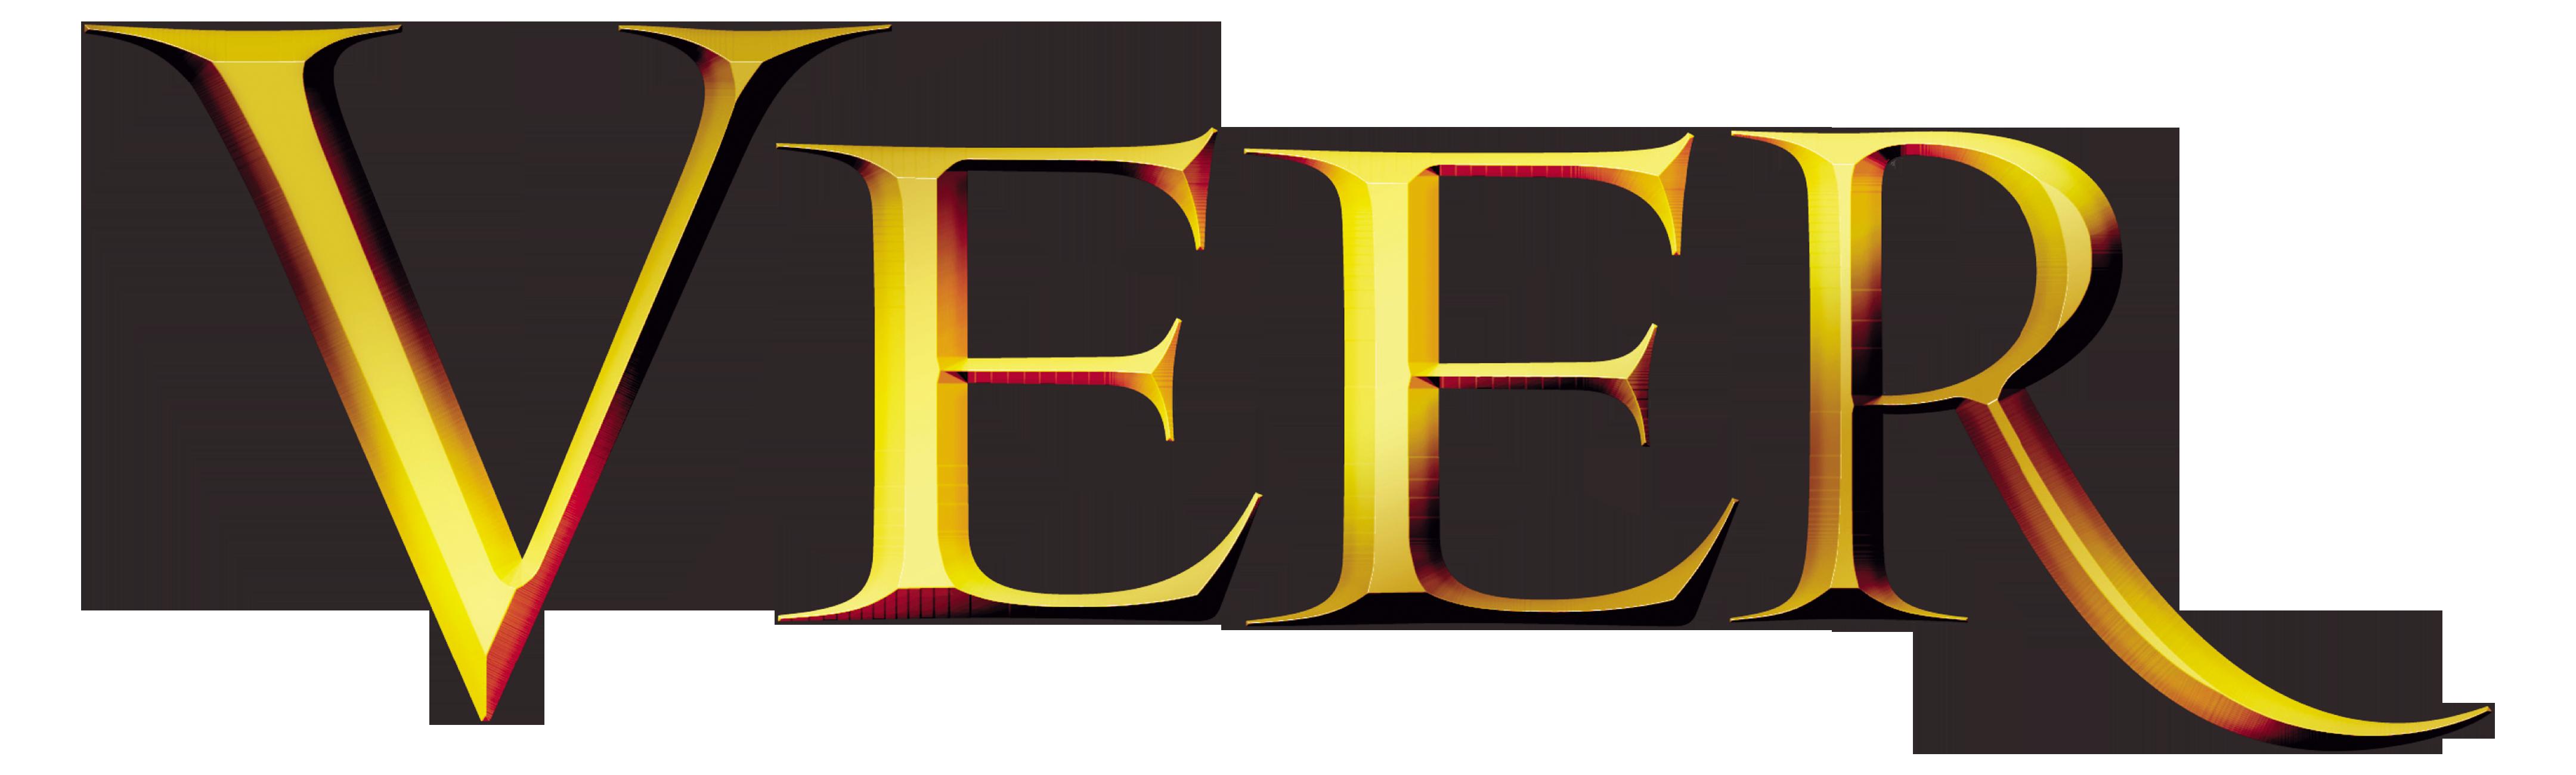 Watch Veer - Polish full movie Online - Eros Now